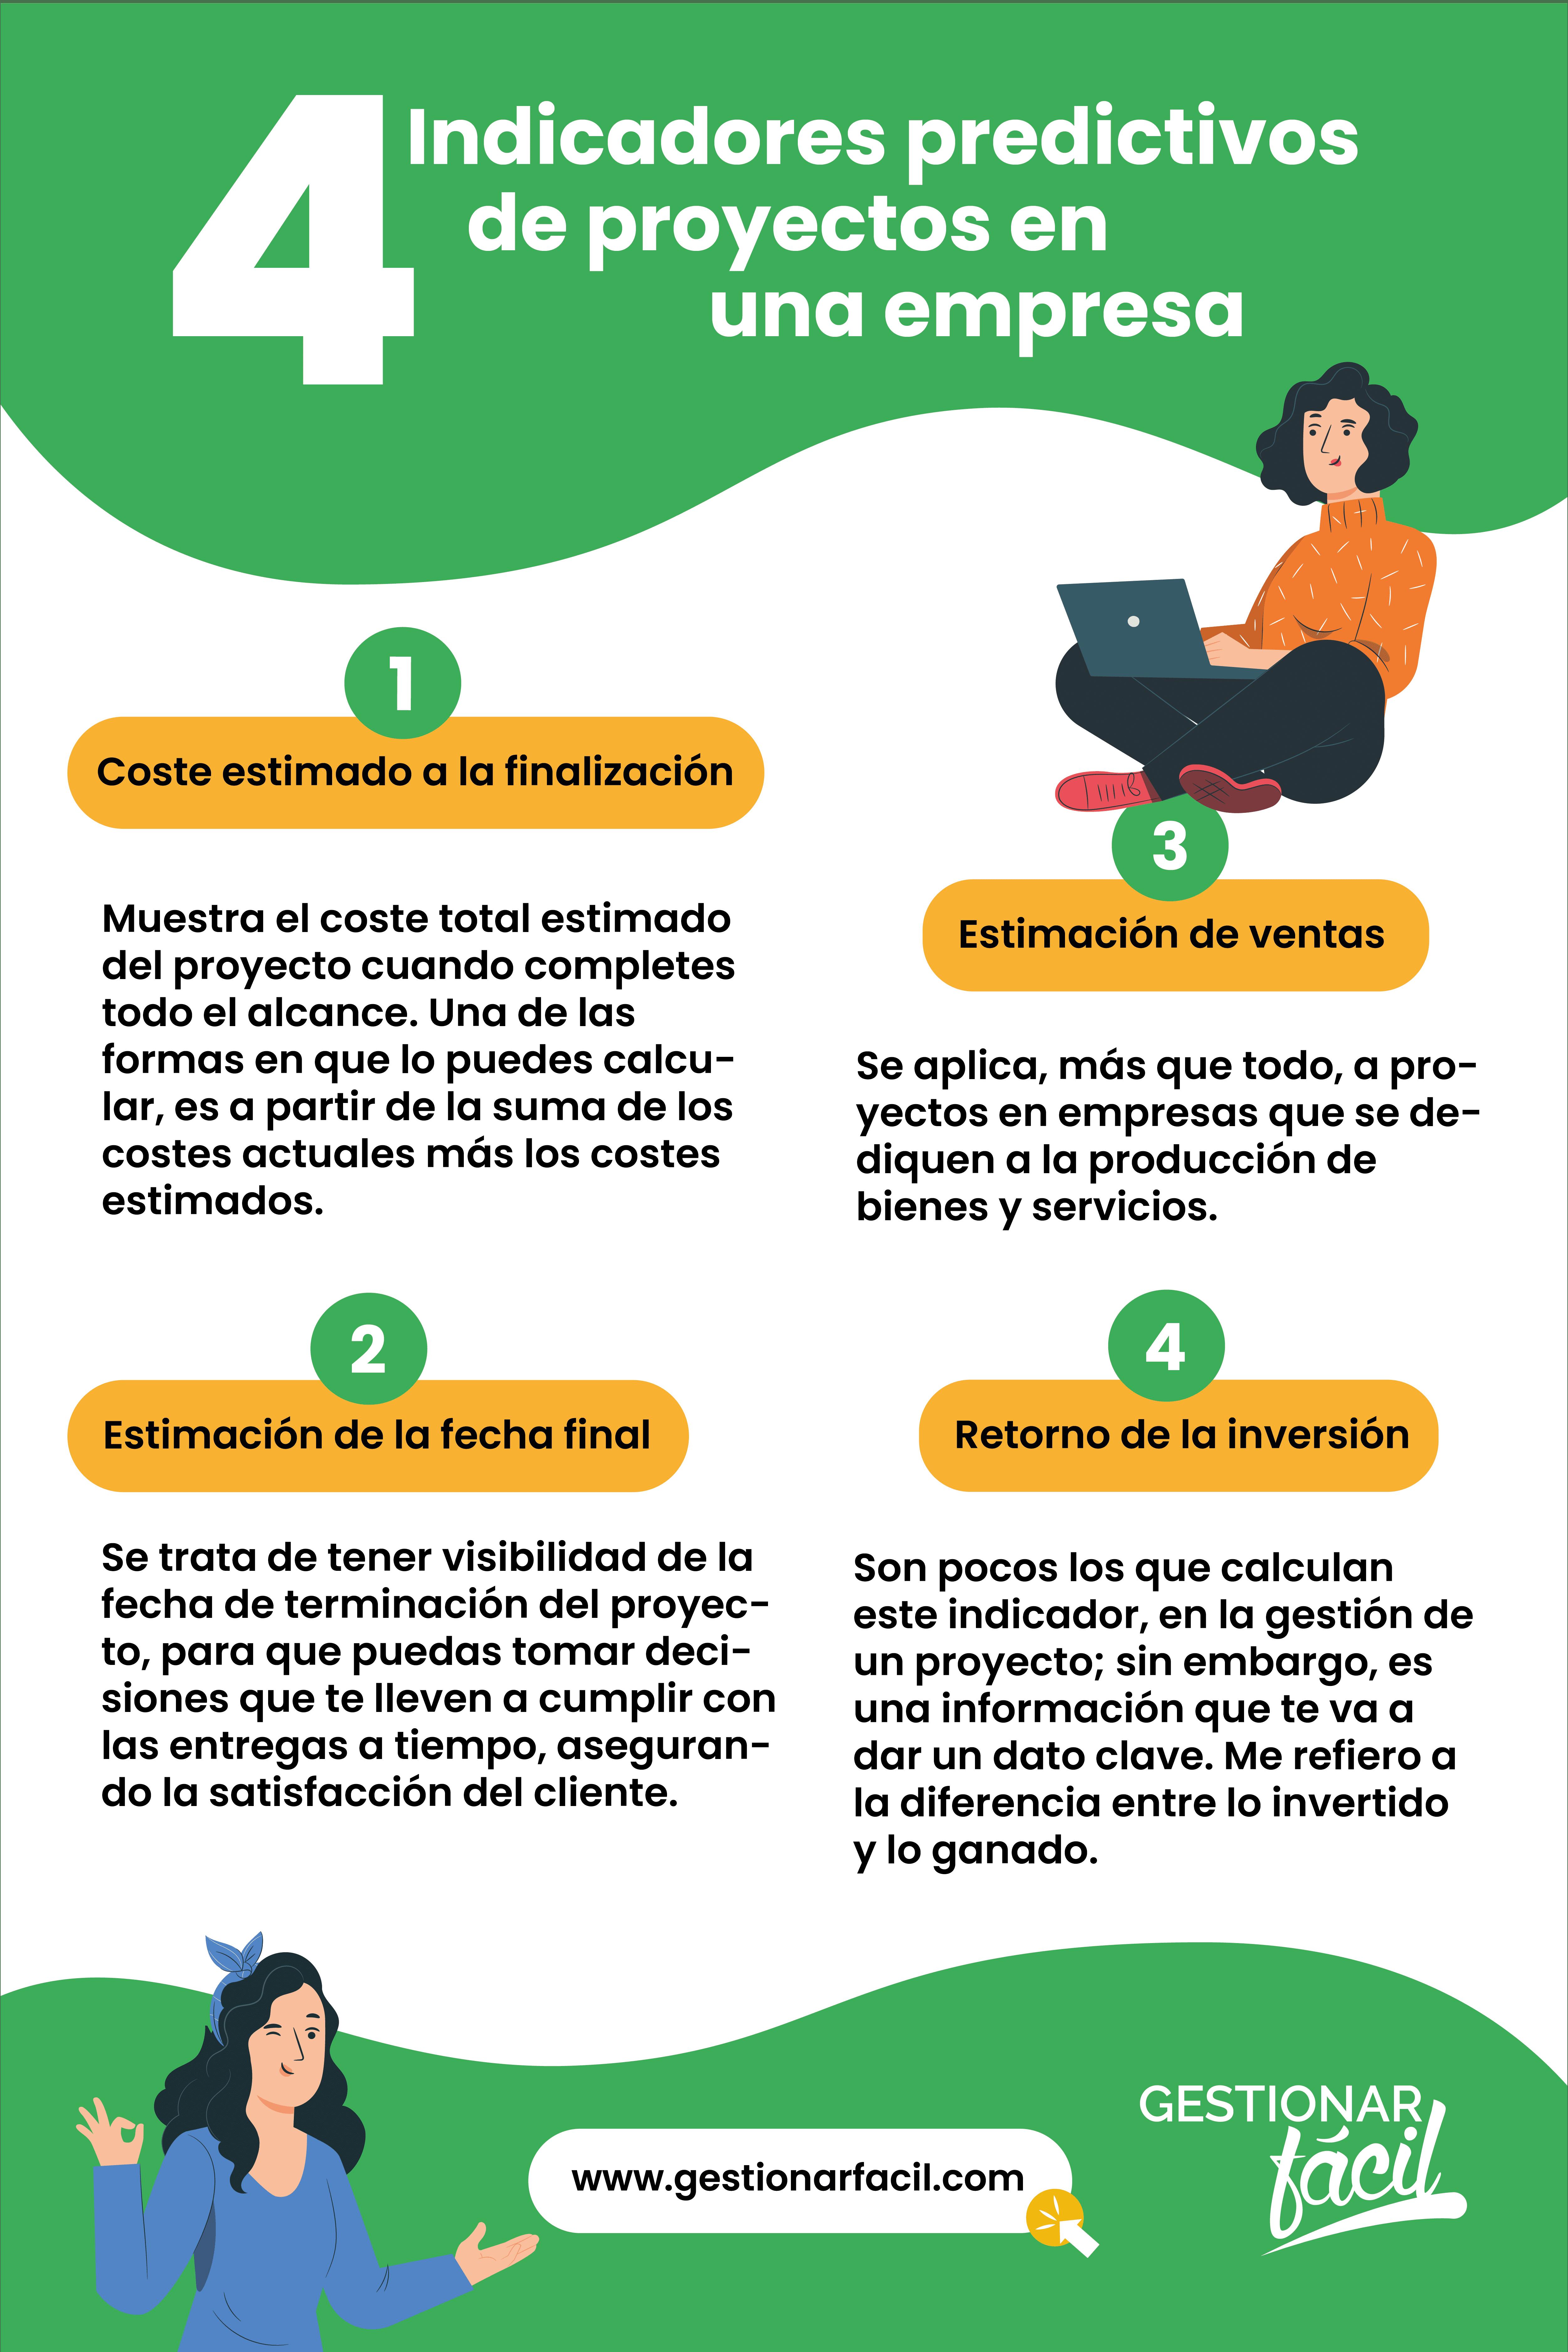 Indicadores predictivos de proyectos en empresas.